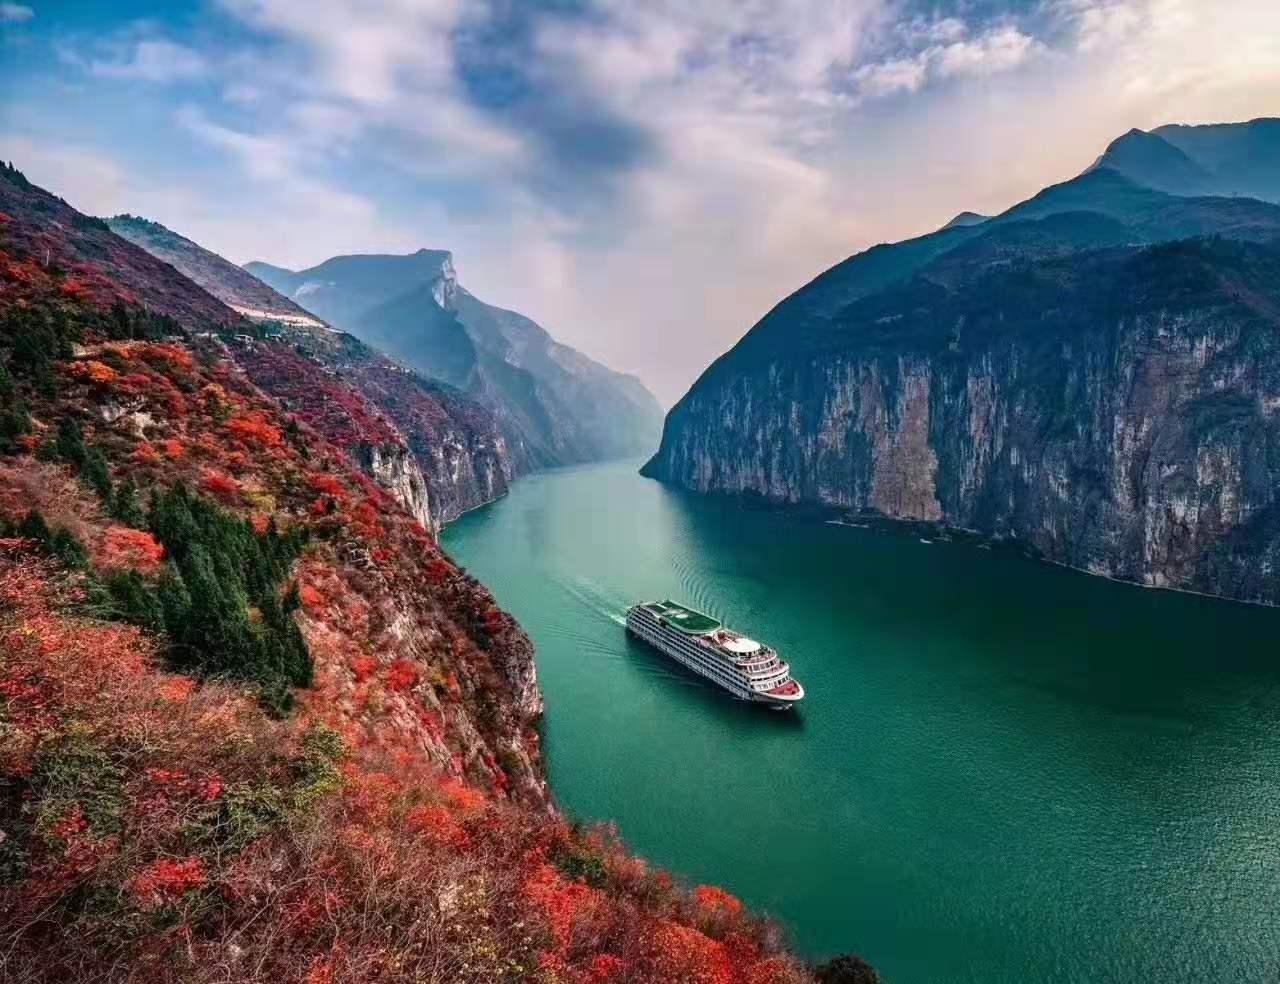 想去长江三峡坐豪华游轮,请问船票在哪买?网上预订安全吗?